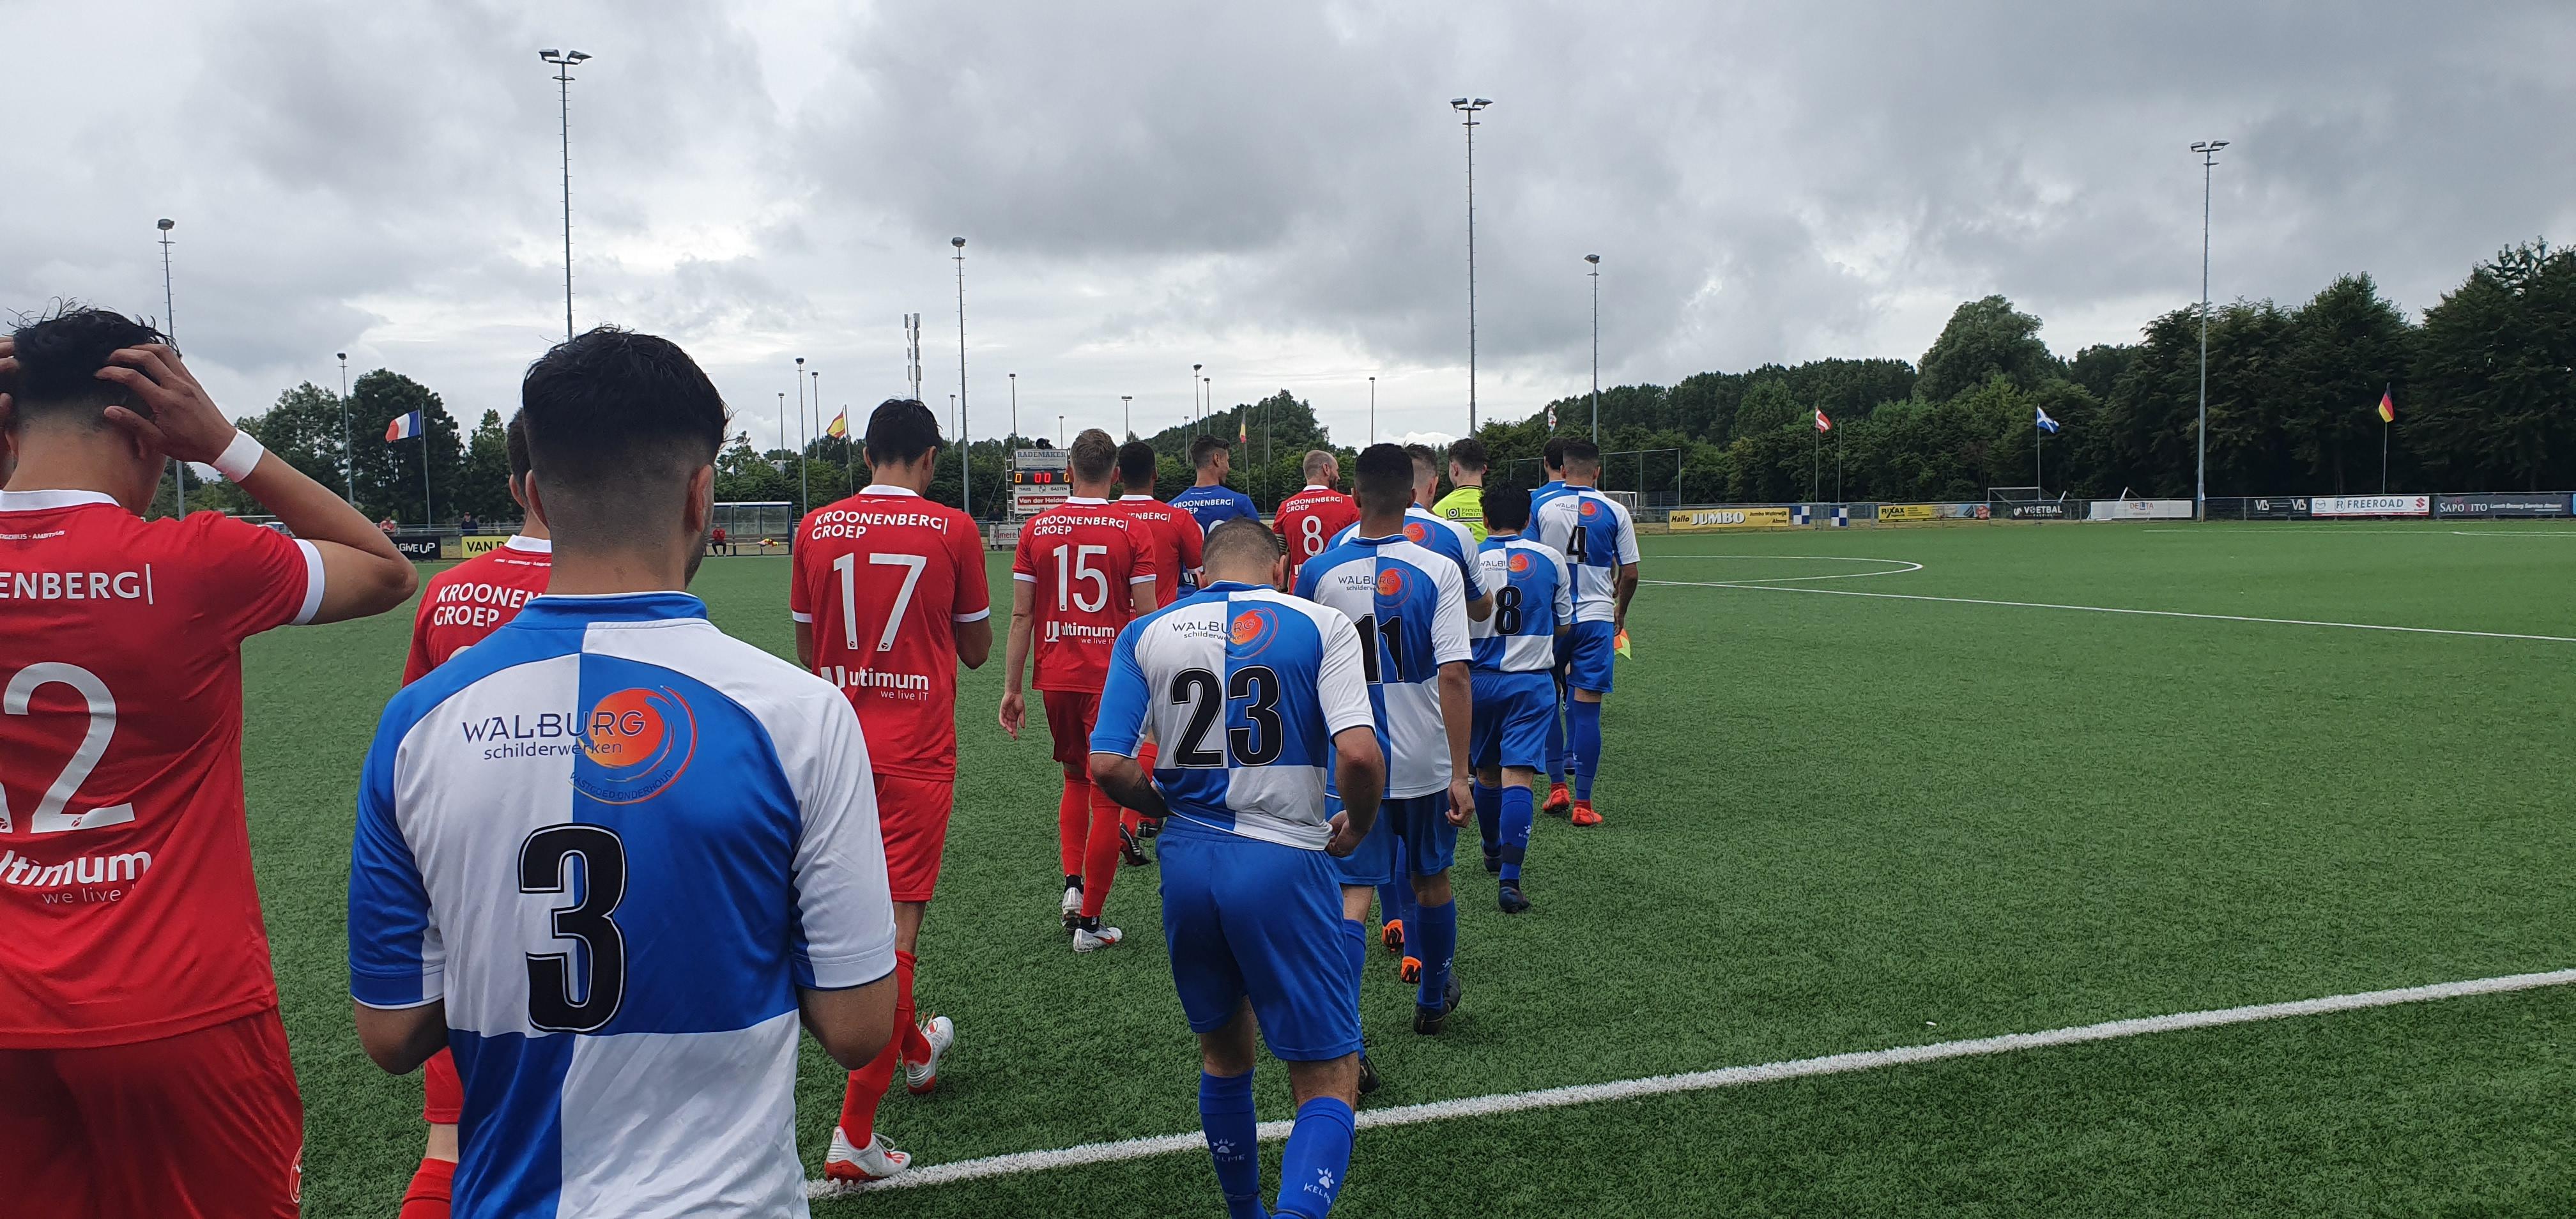 Oefencampagne gestart met 0-10 zege bij ASC Waterwijk